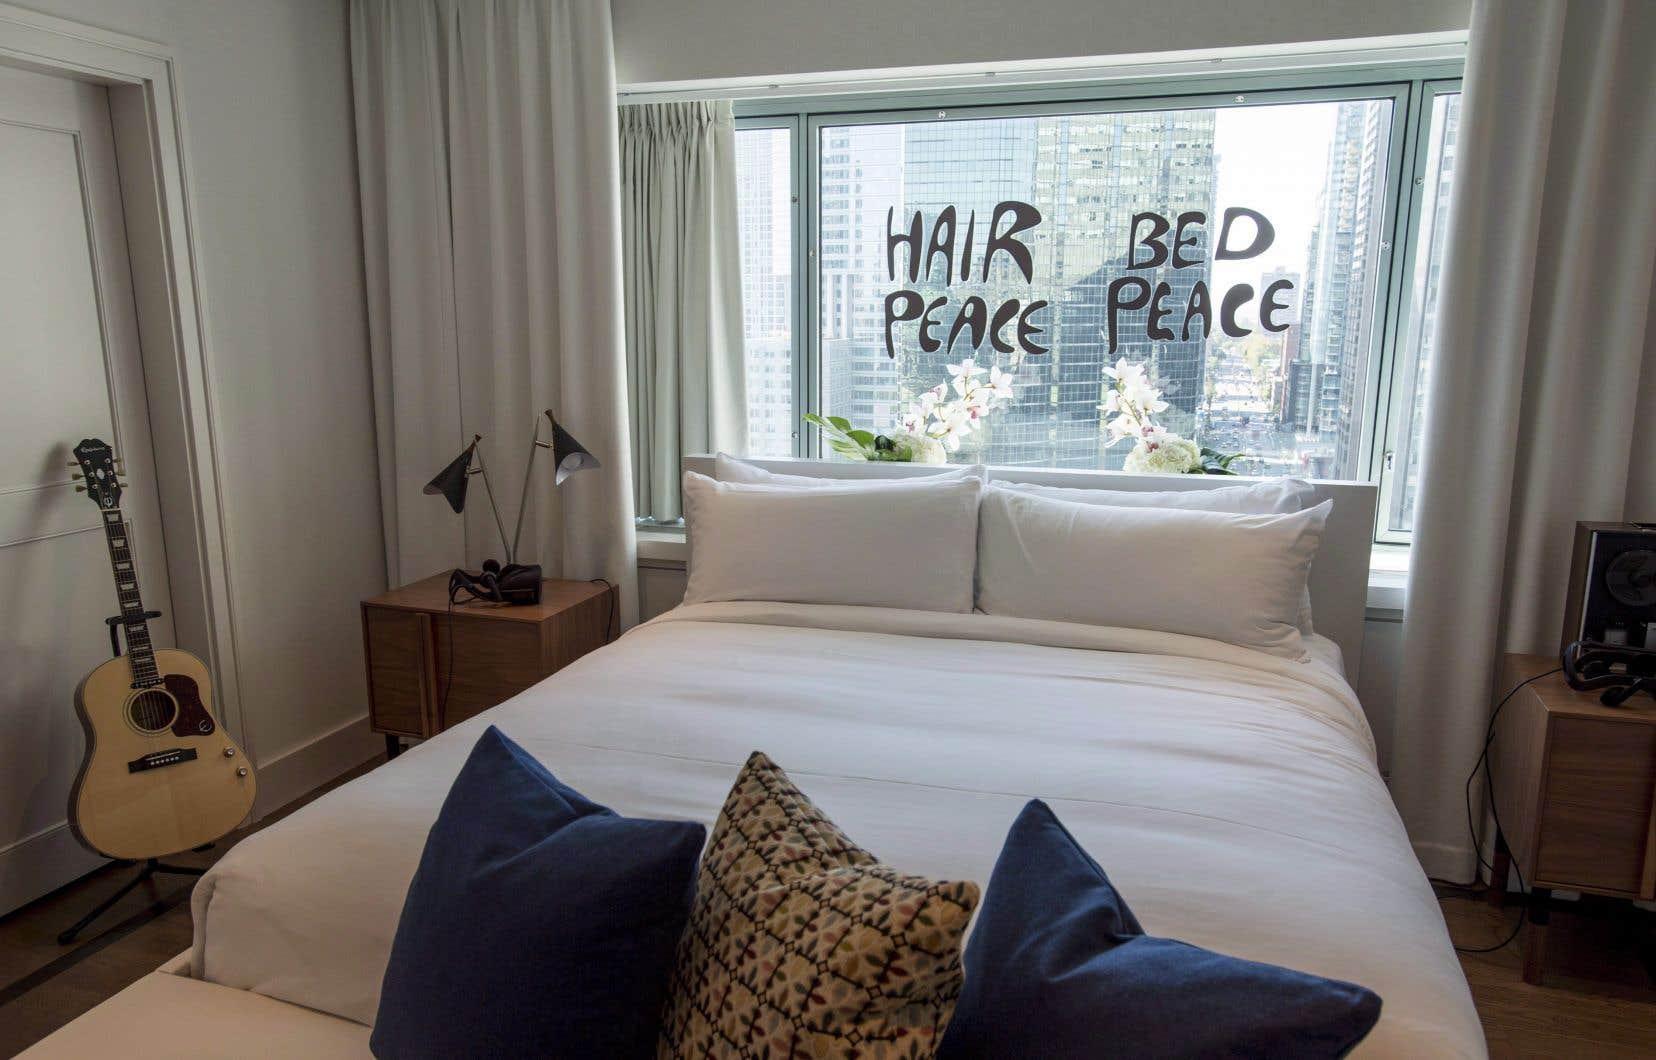 Cinquante ans après le passage de John Lennon et Yoko Ono,l'hôtel Reine-Elizabeth célèbre leur «bed in» en présentant une exposition d'art et en organisant des visites dans la suite que le couple occupait.